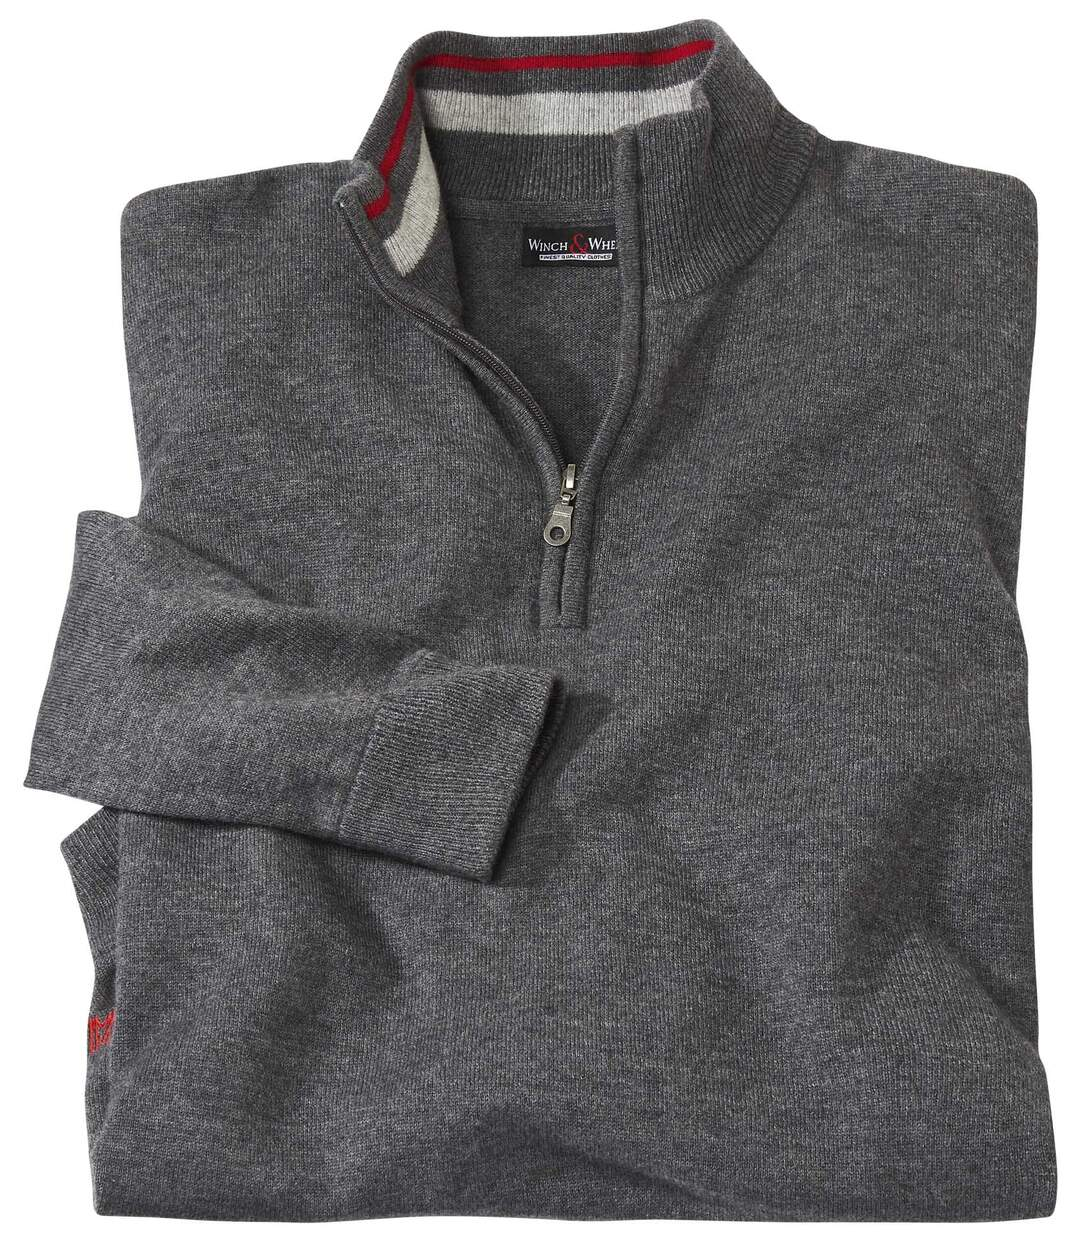 Pullover aus Merino- und Kaschmirwolle